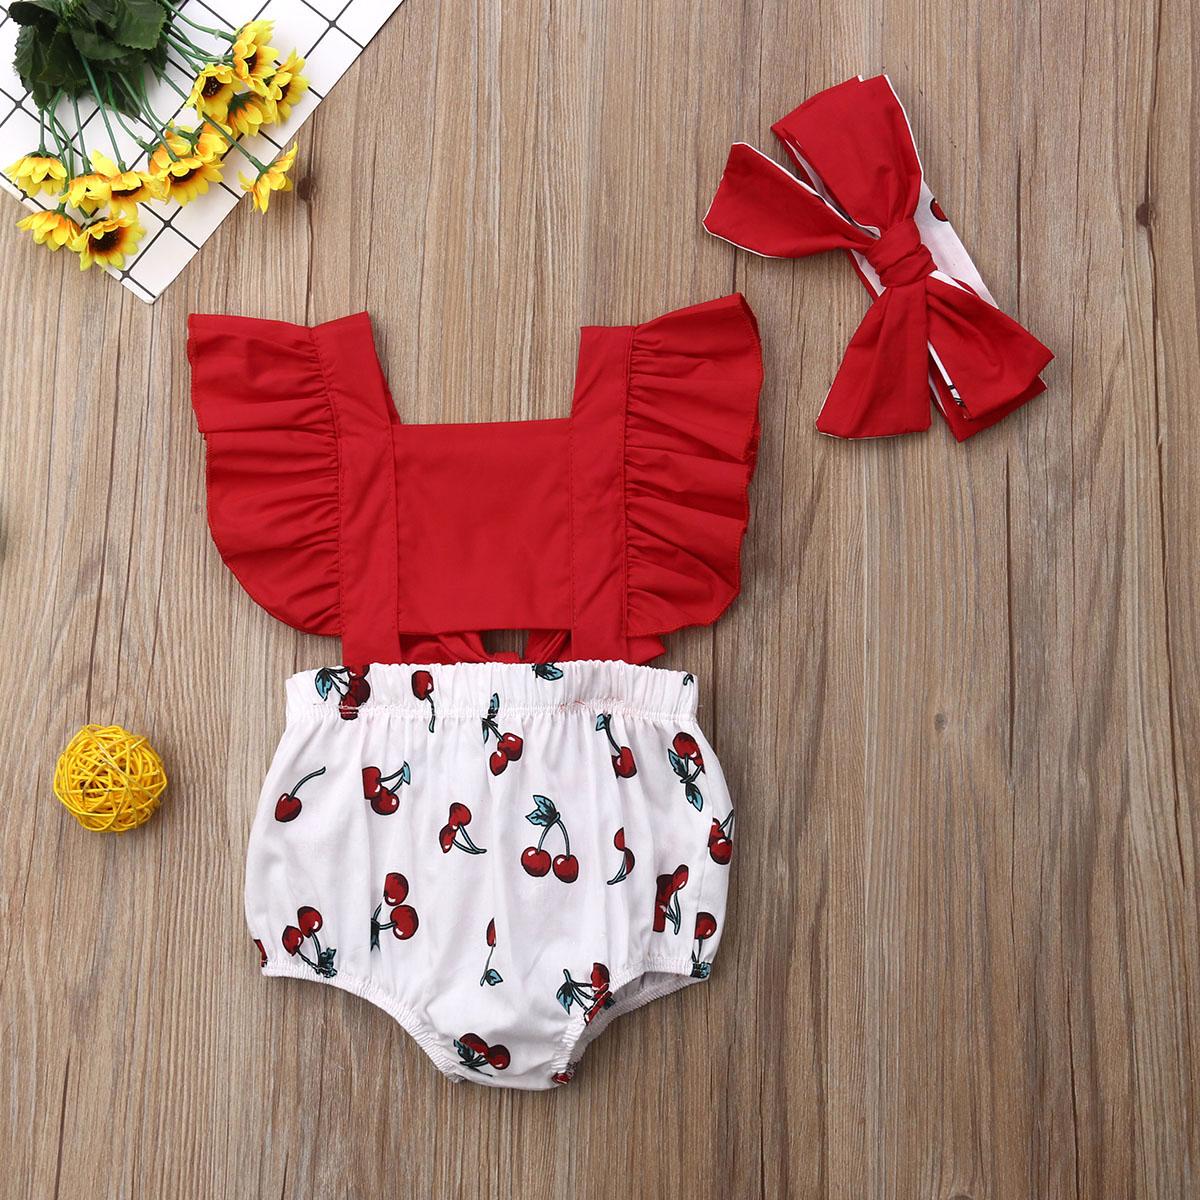 pudcoco 2pcs Newborn Baby Girl Ruffle Cherry Print